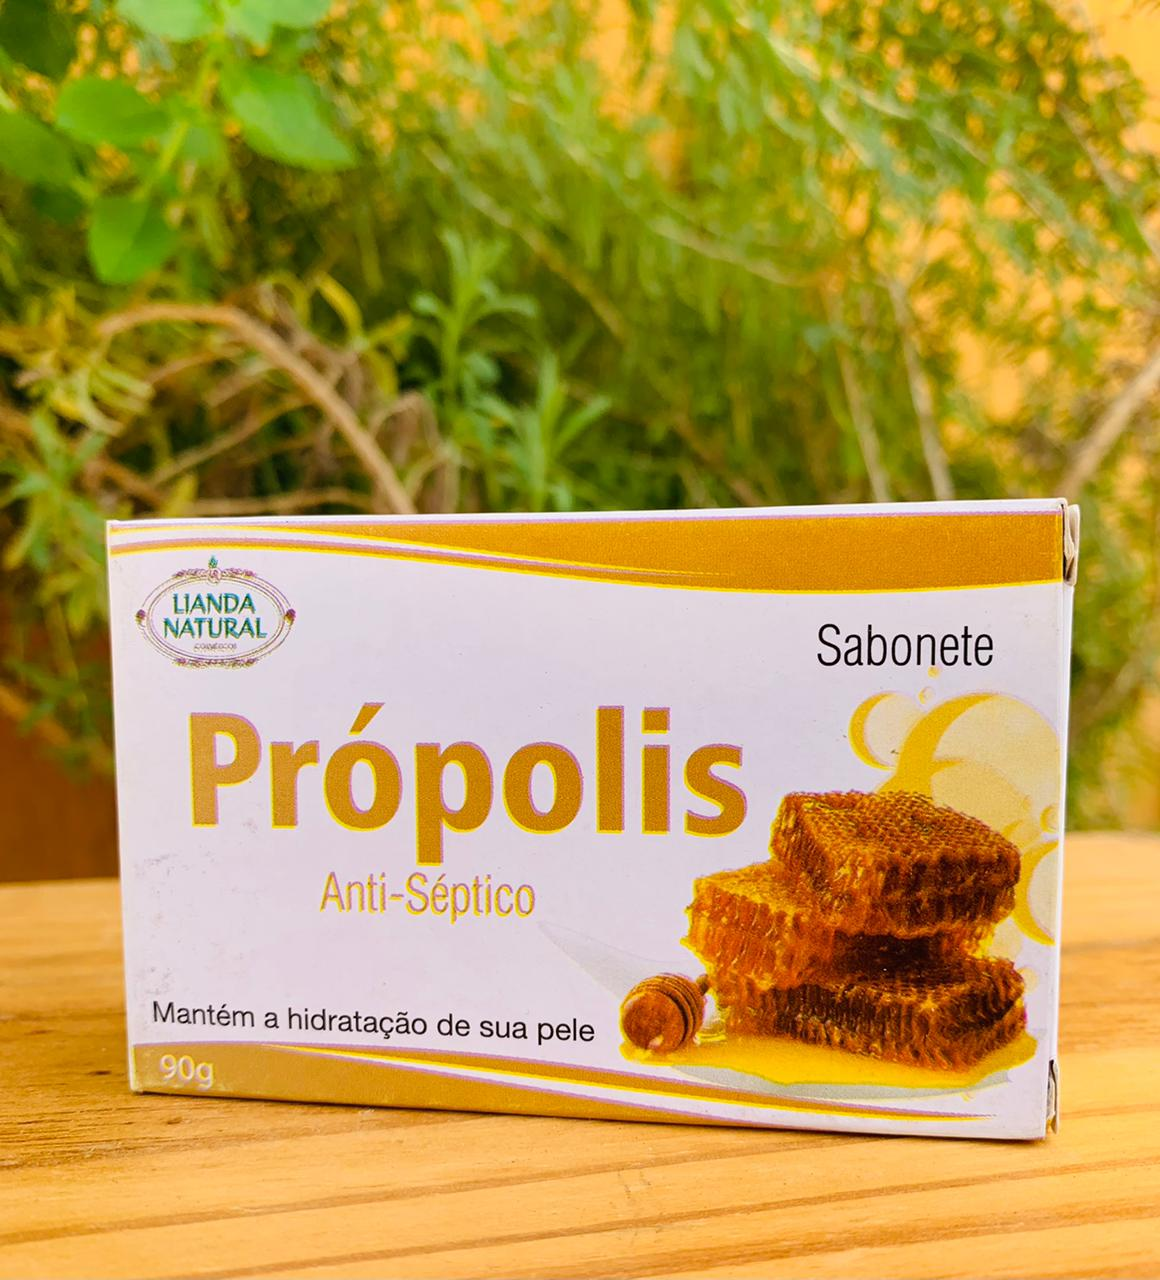 Sabonete de Própolis  - Casa do Mel